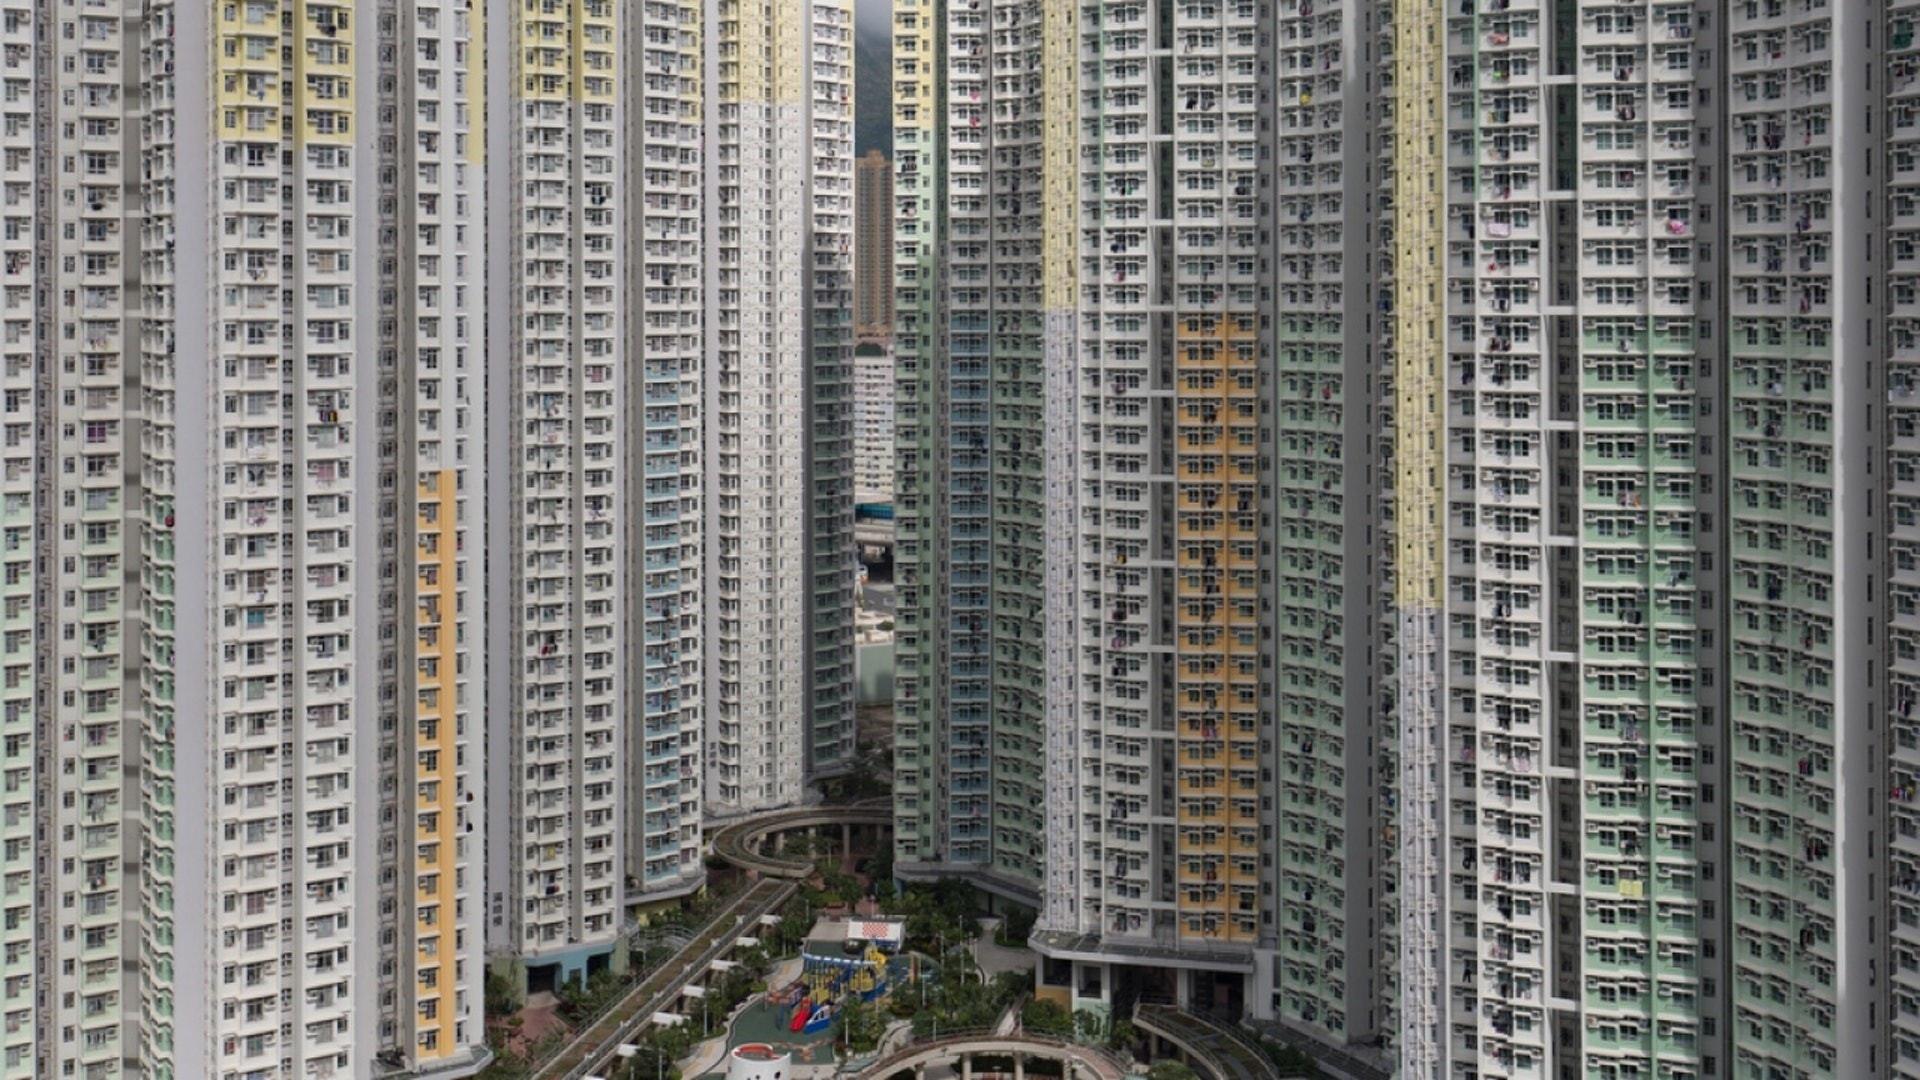 憂新公屋富戶政策須遷出單位 4.1萬人刪家庭成員戶籍 年增兩成|香港01|社會新聞